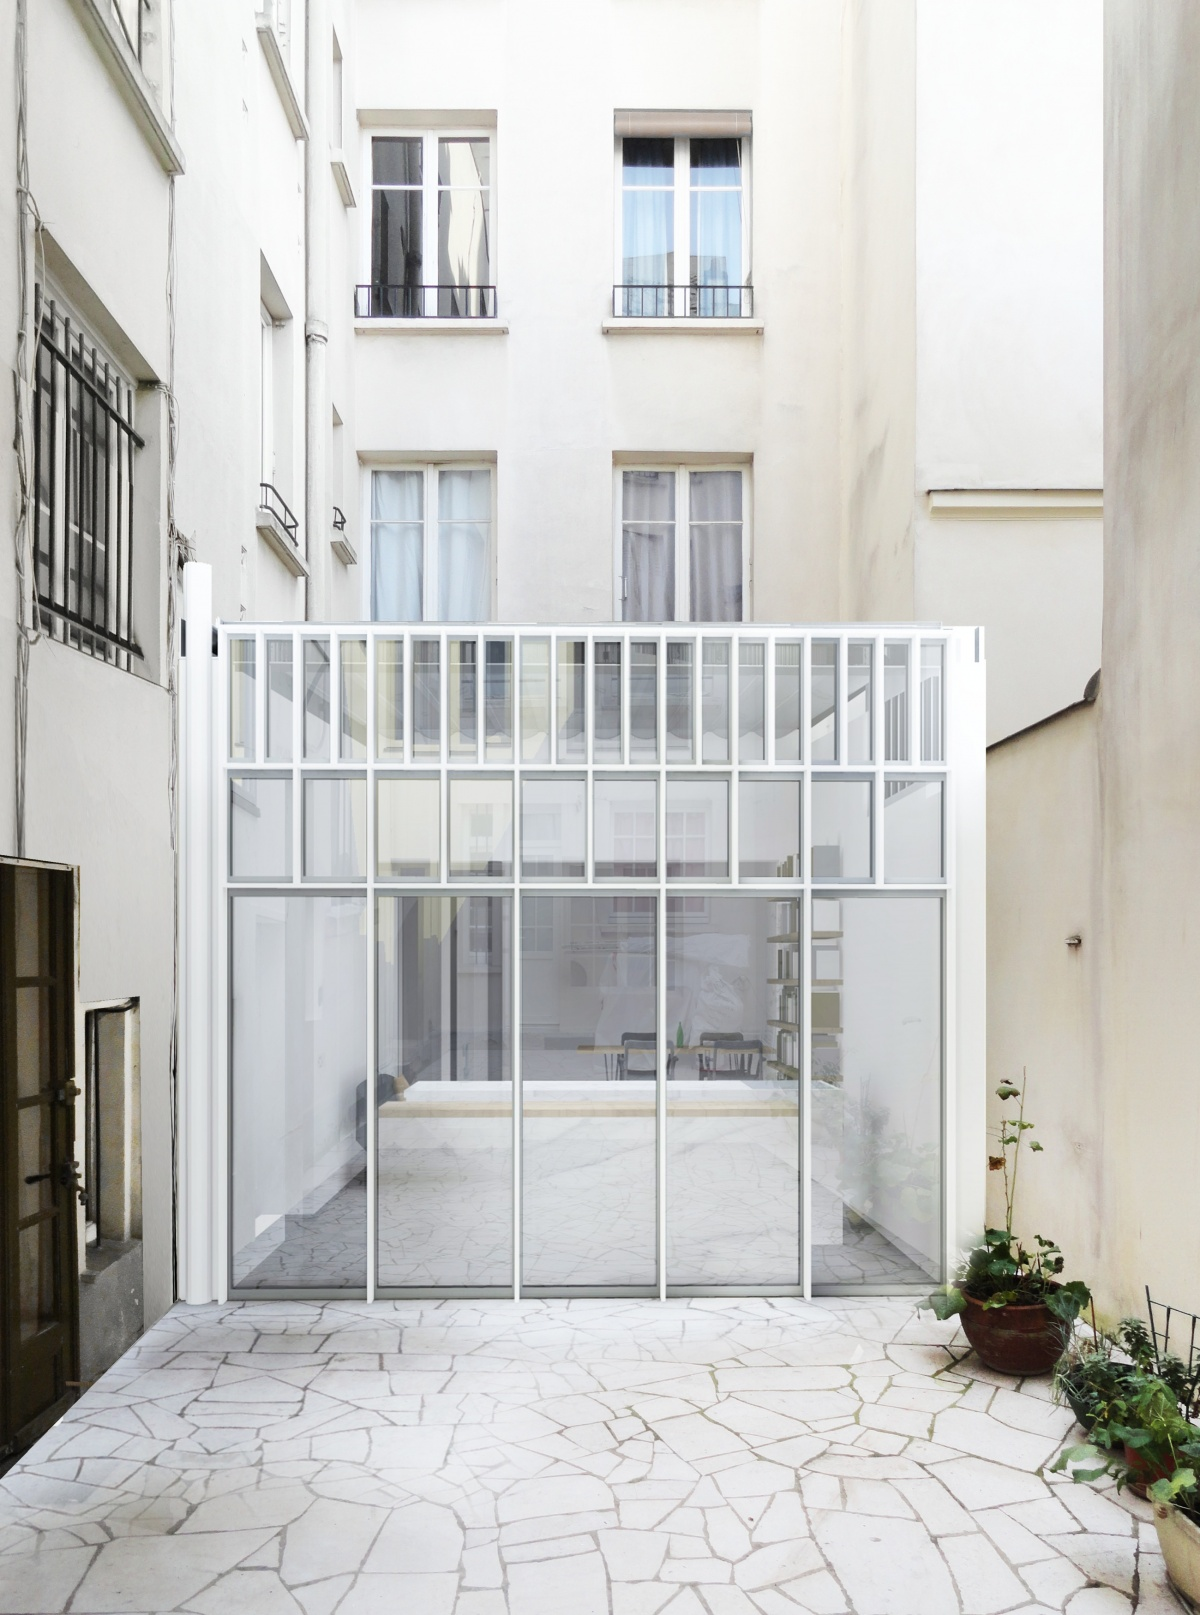 Extension et rénovation d'un appartement sur une cour d'immeuble : 5 Vue exte?rieur 1 couleur